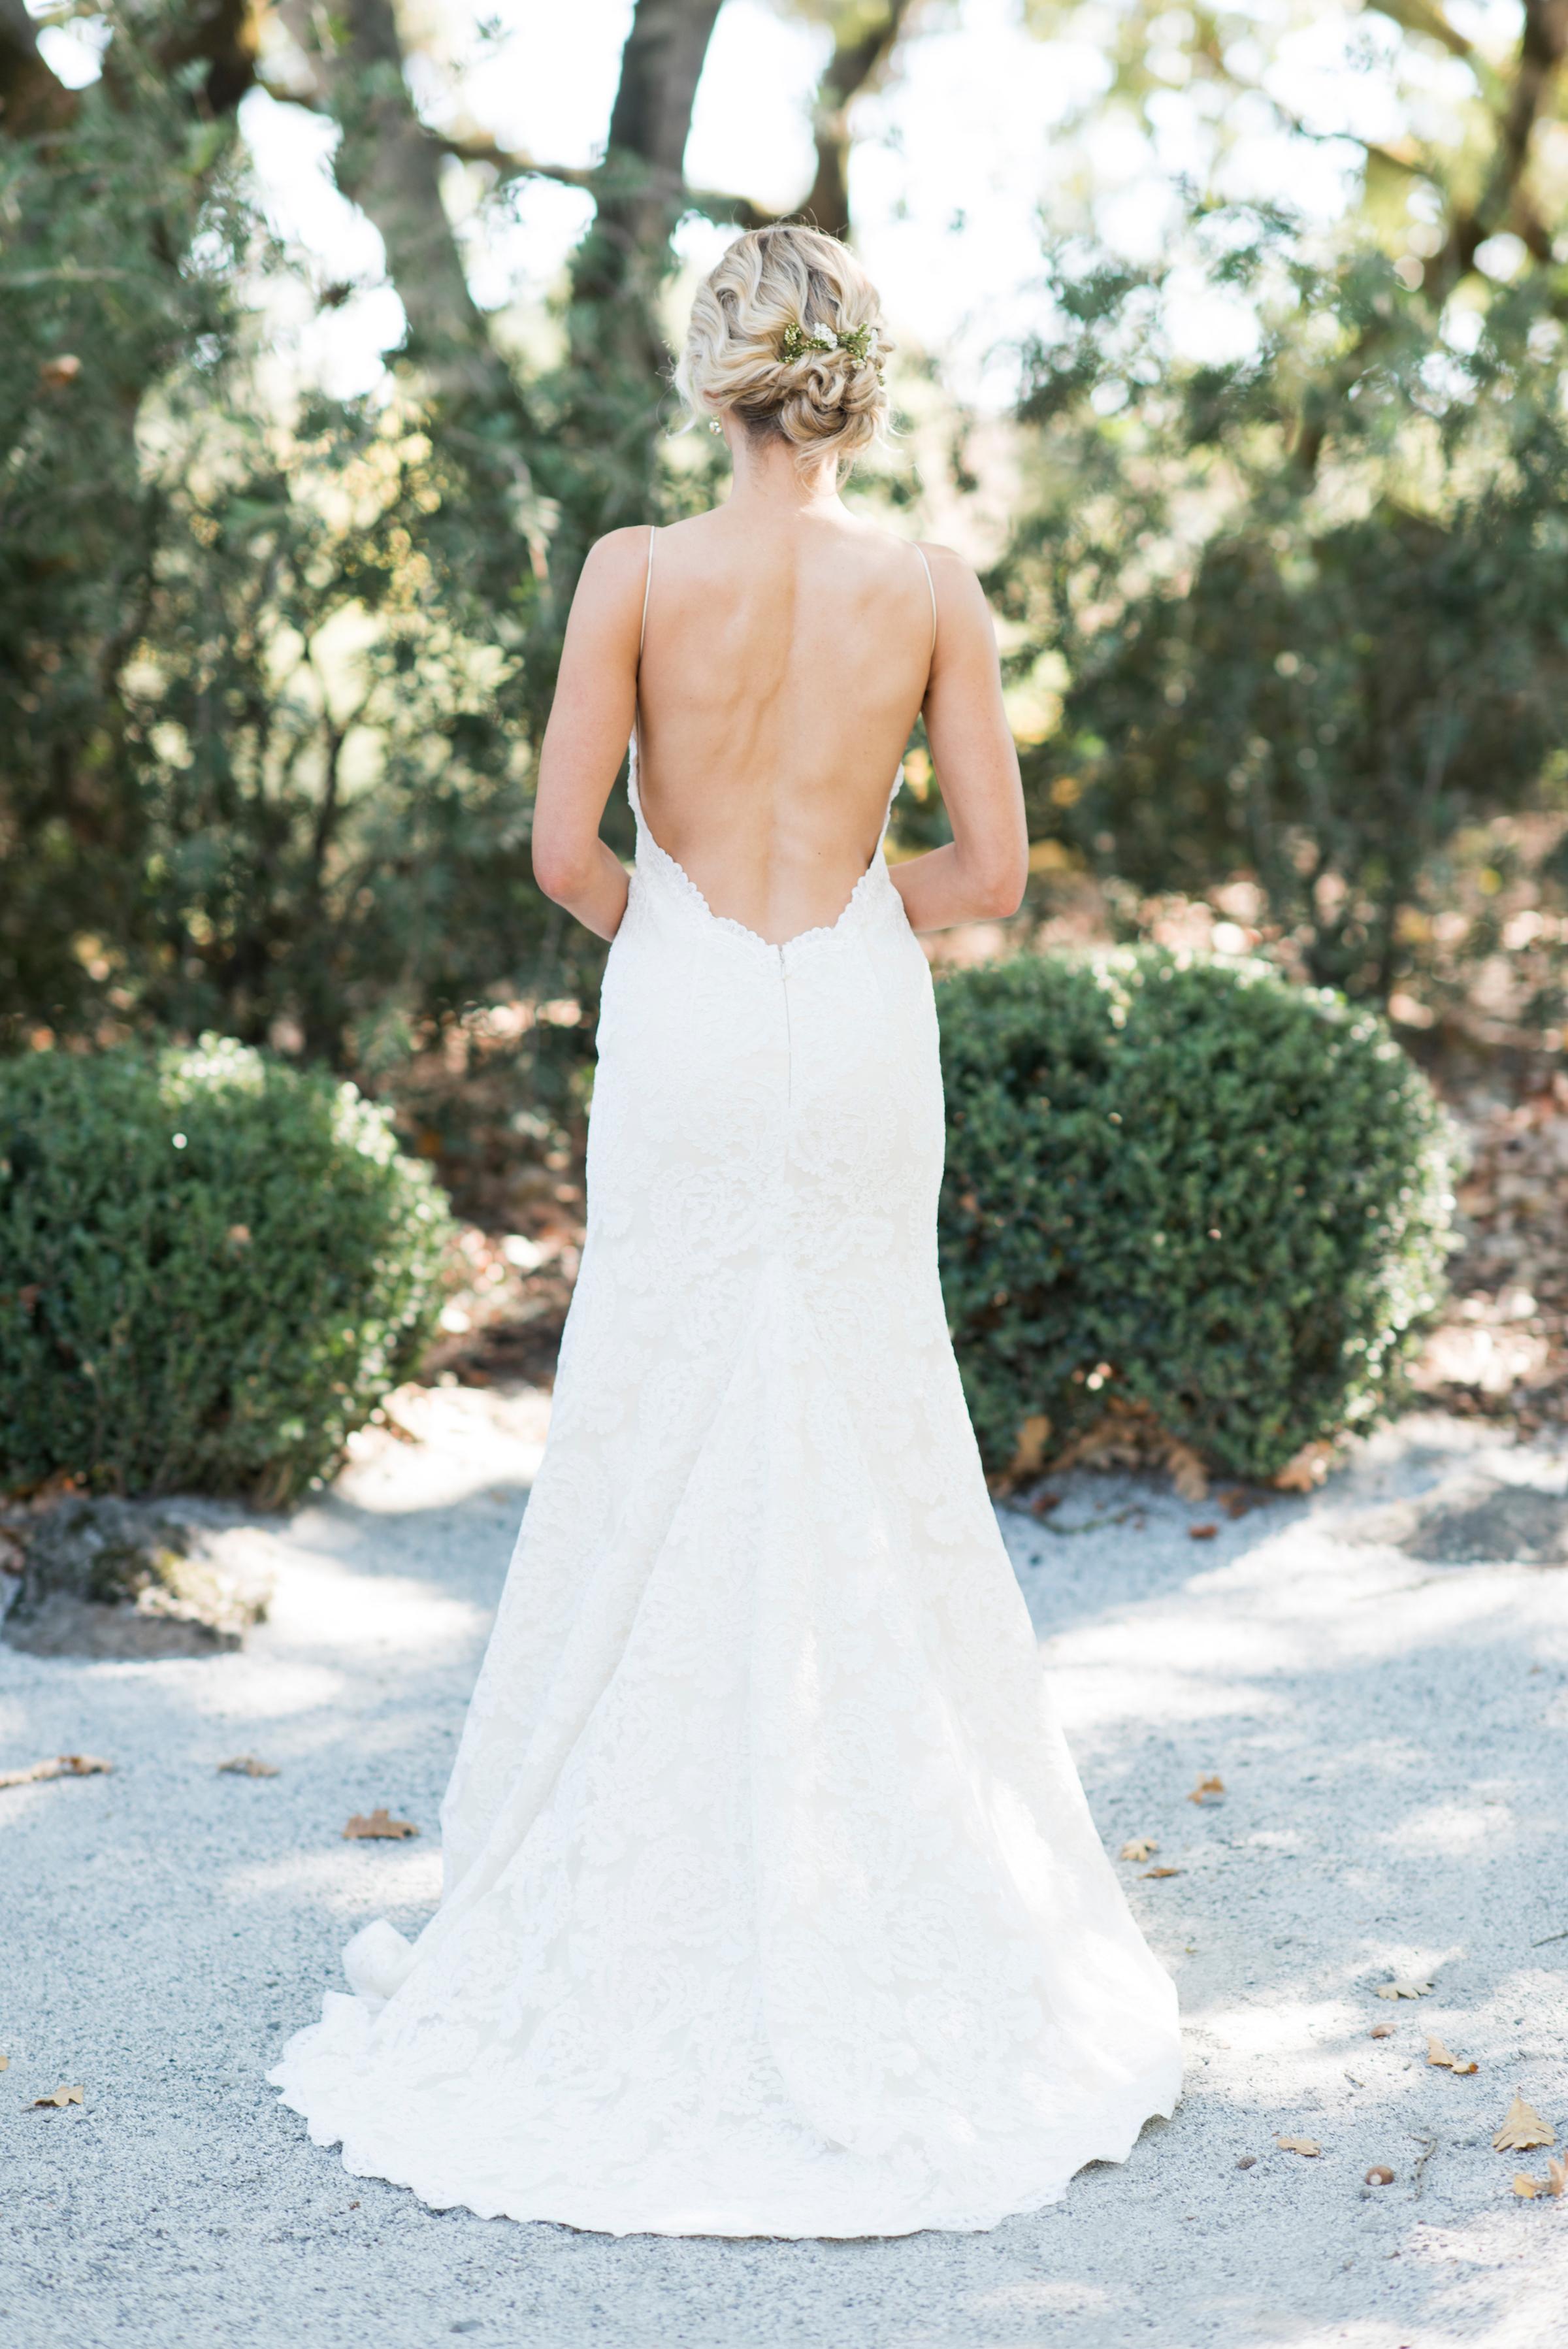 A Bride Wearing an Open-Back Wedding Dress